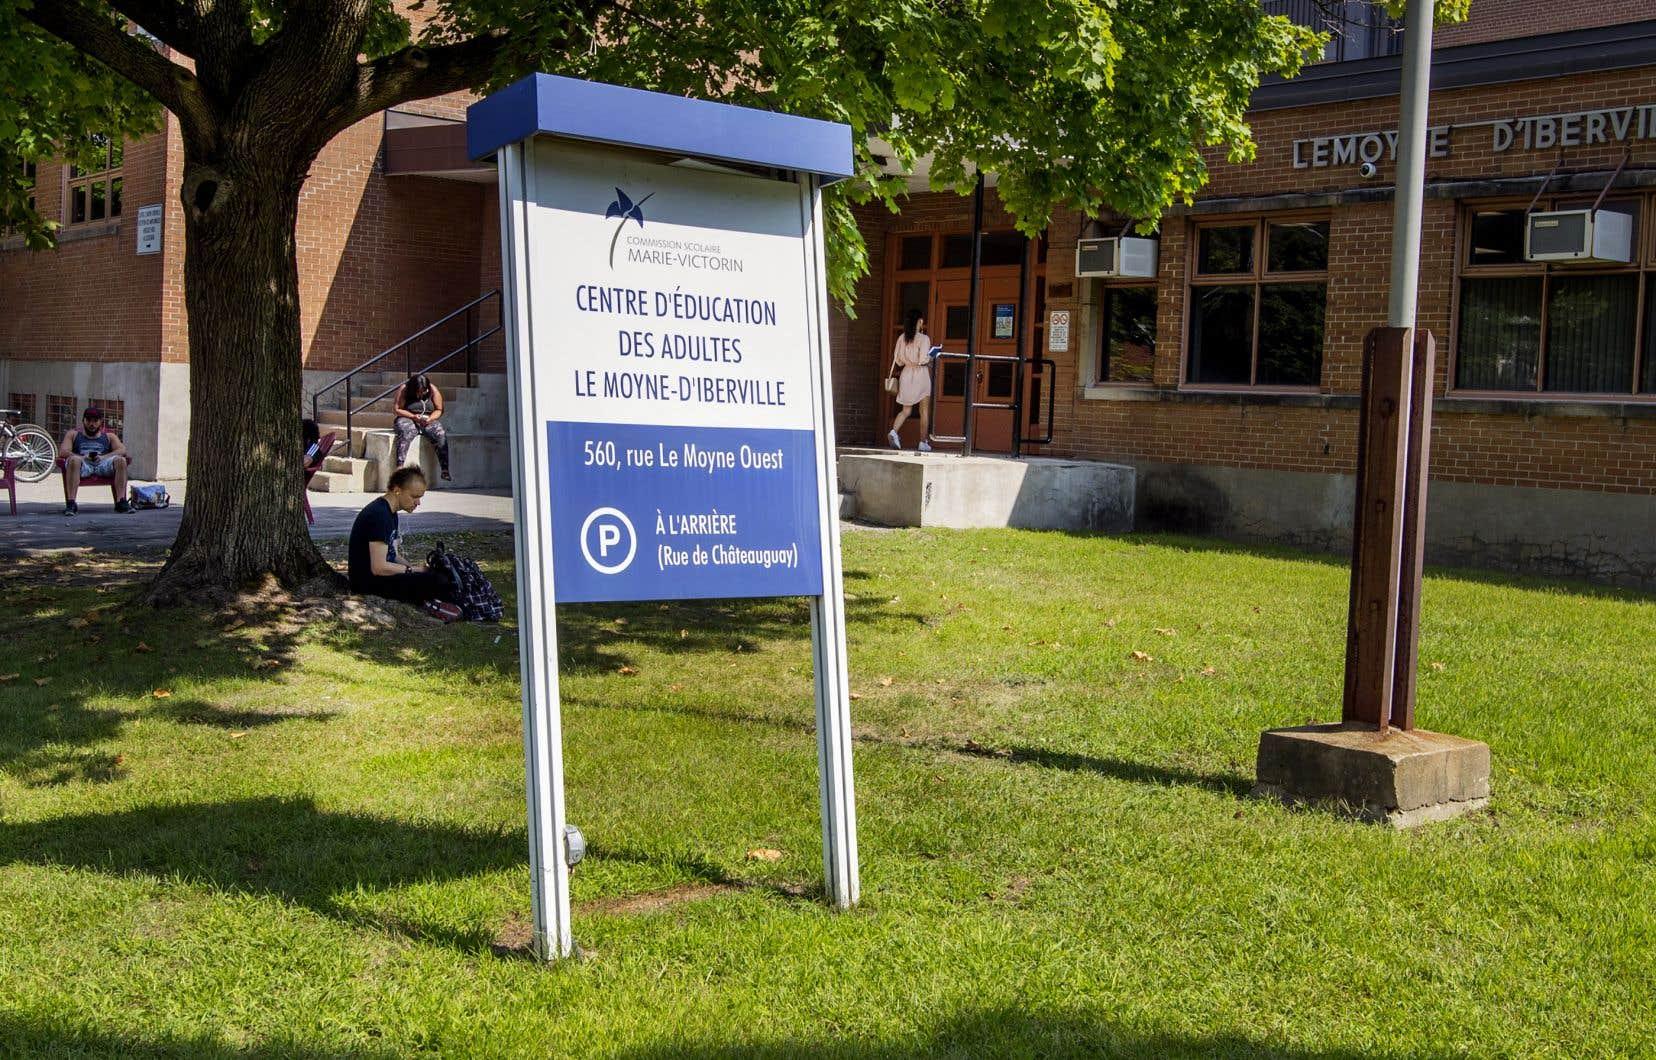 La Commission scolaire Marie-Victorin a contesté les allégations de son employé malgré la preuve démontrant une contamination aux moisissures du Centre d'éducation des adultes Le Moyne-D'Iberville, à Longueuil.